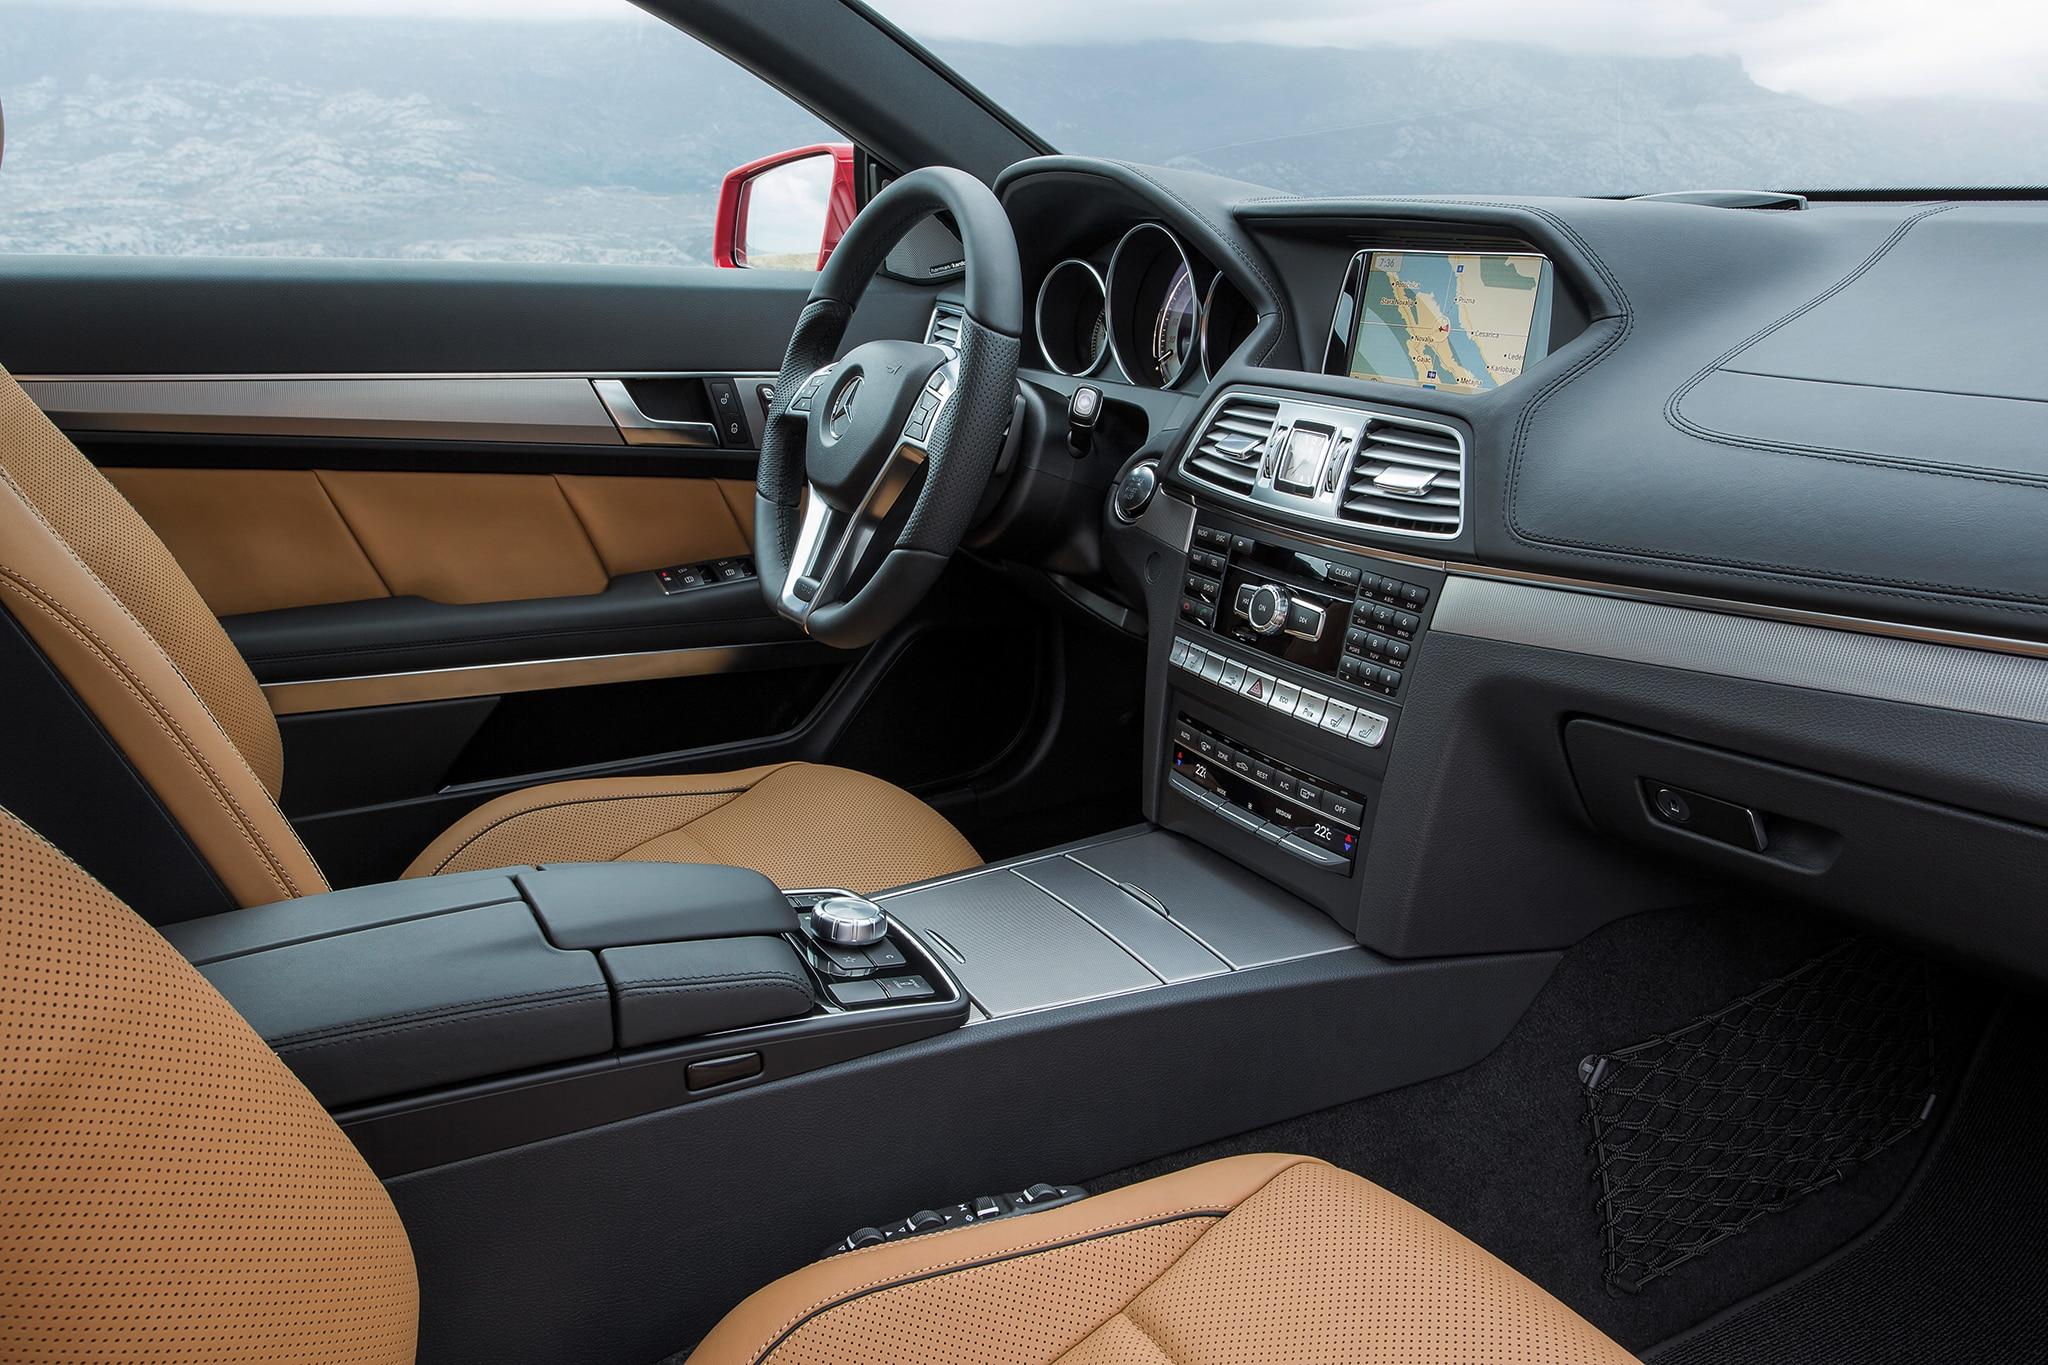 mercedes benz 2014 e class interior. 2013 mercedes benz e class coupe 2014 interior r